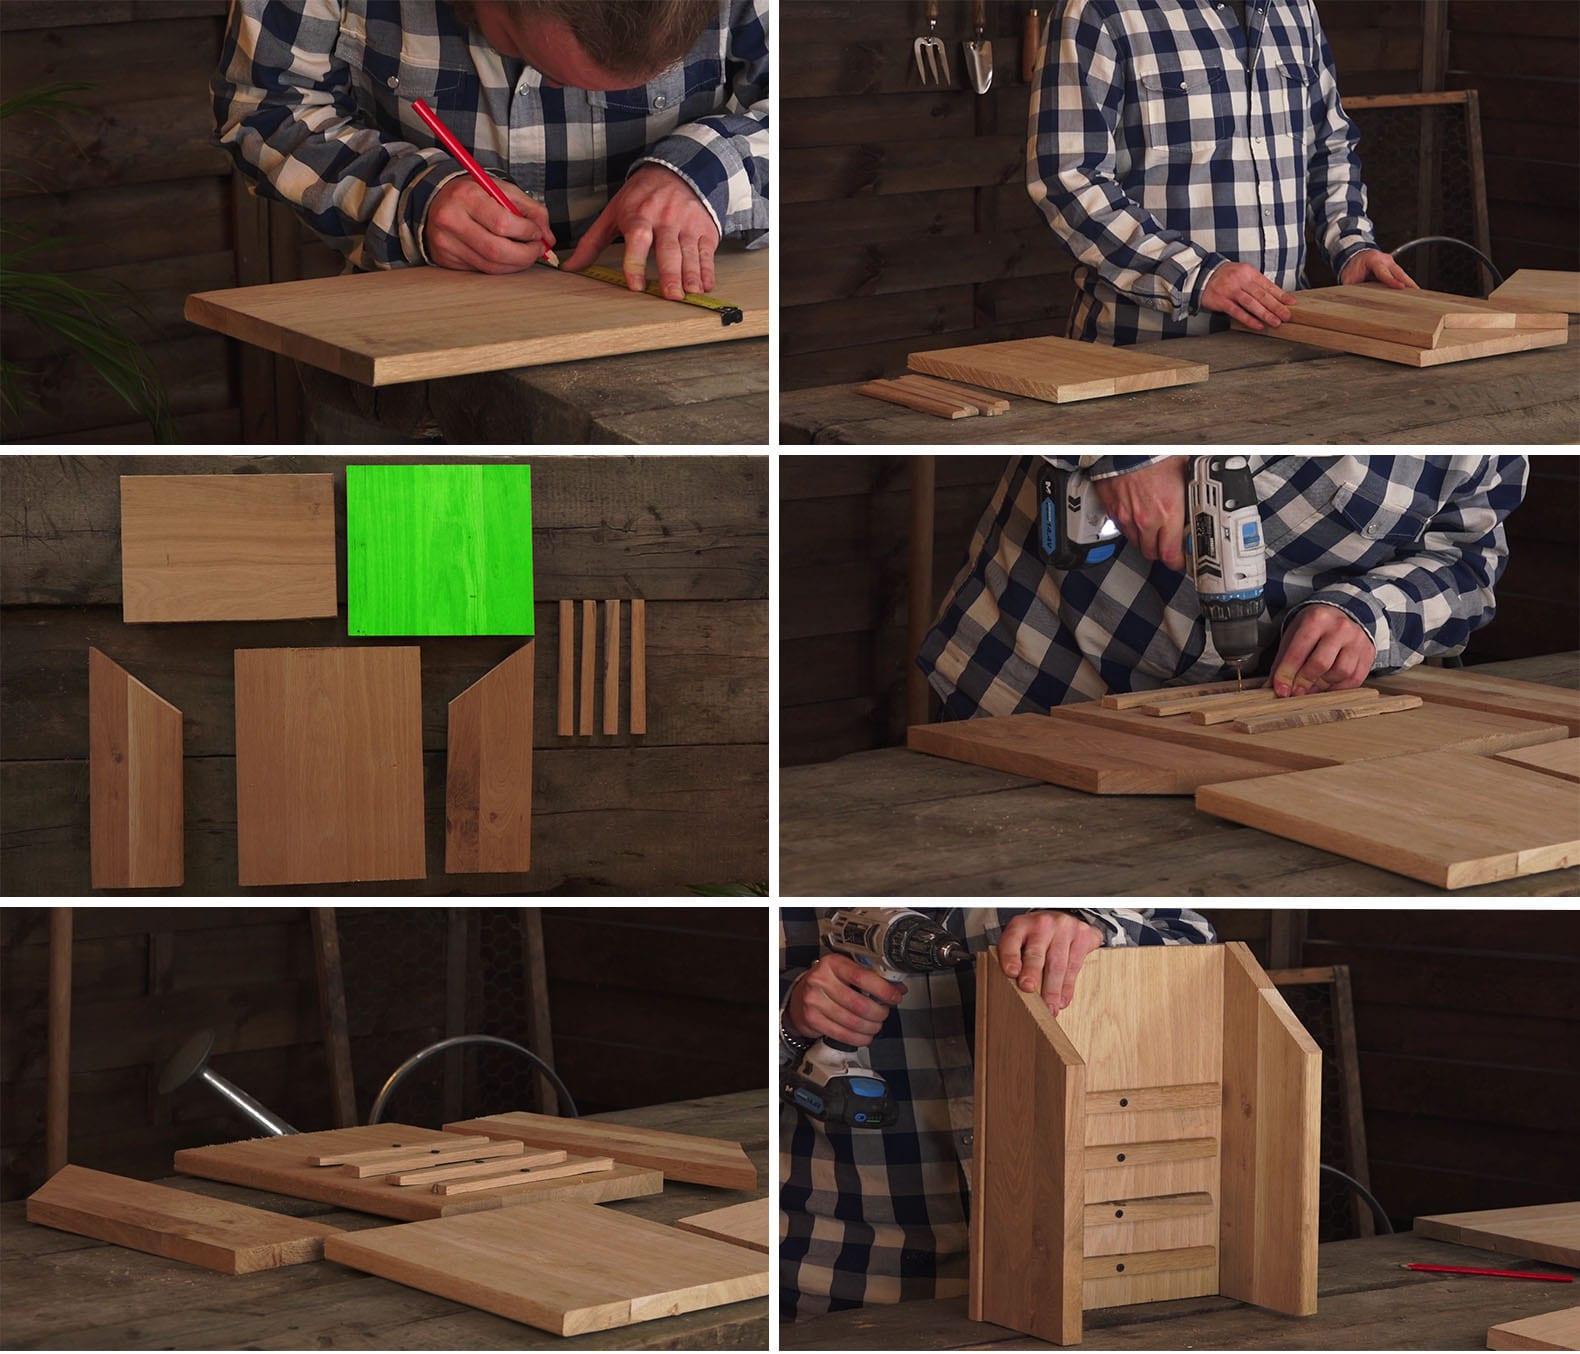 étape de la fabrication d'un abri à chauve souris